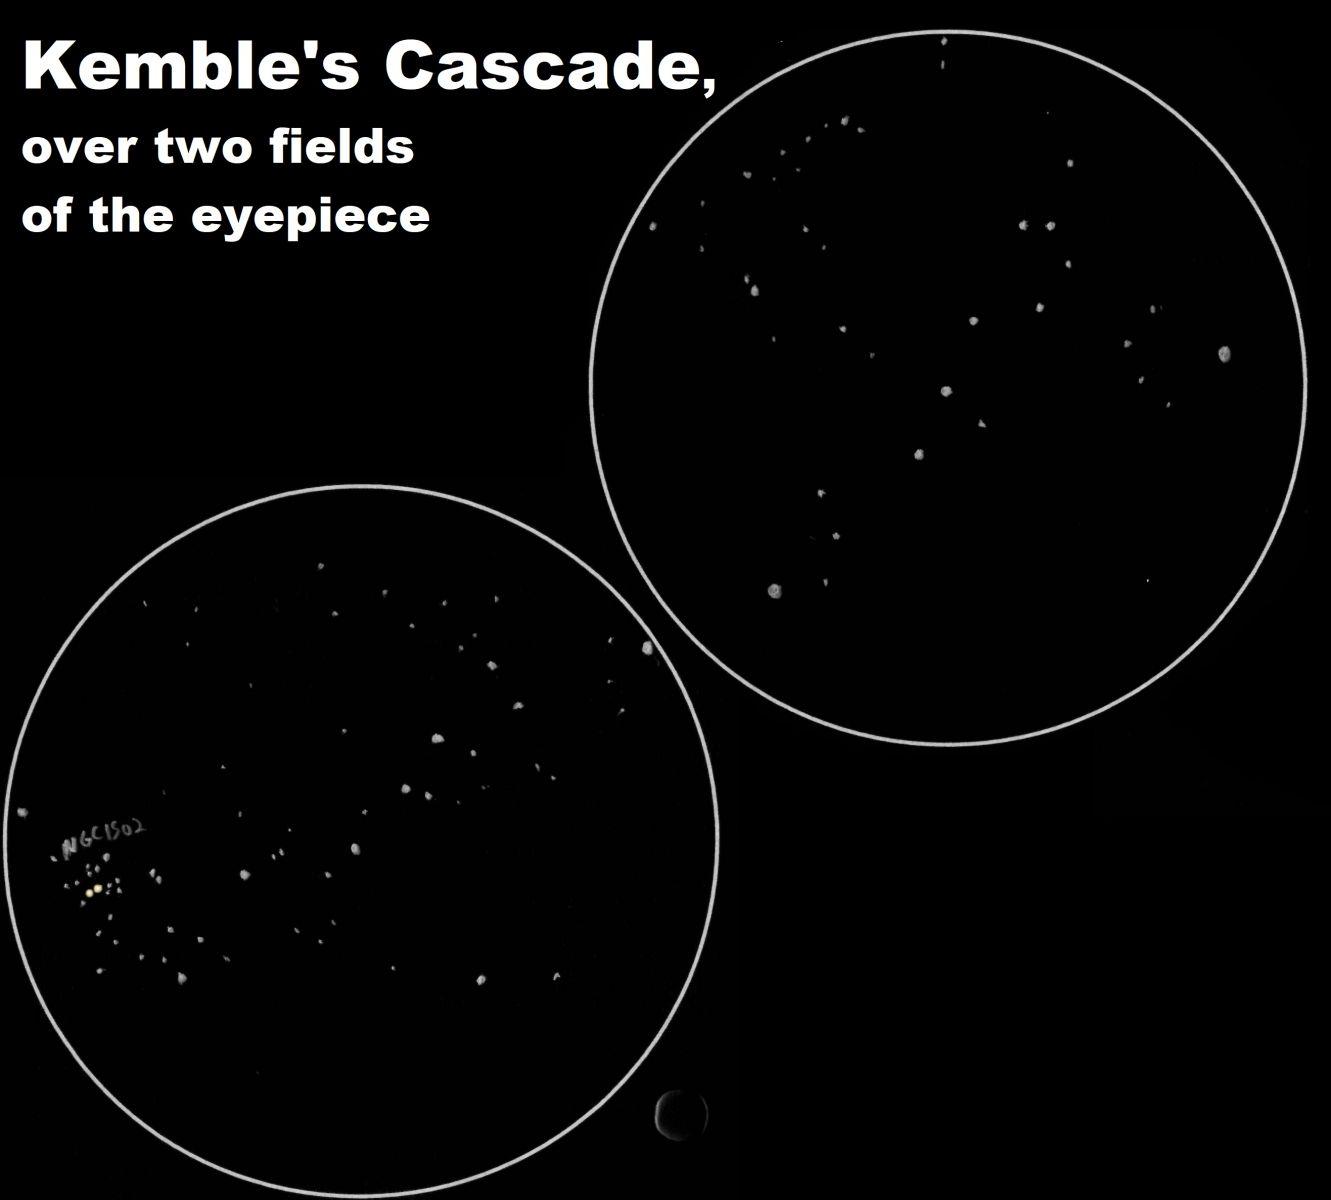 Kembles Cascade combined